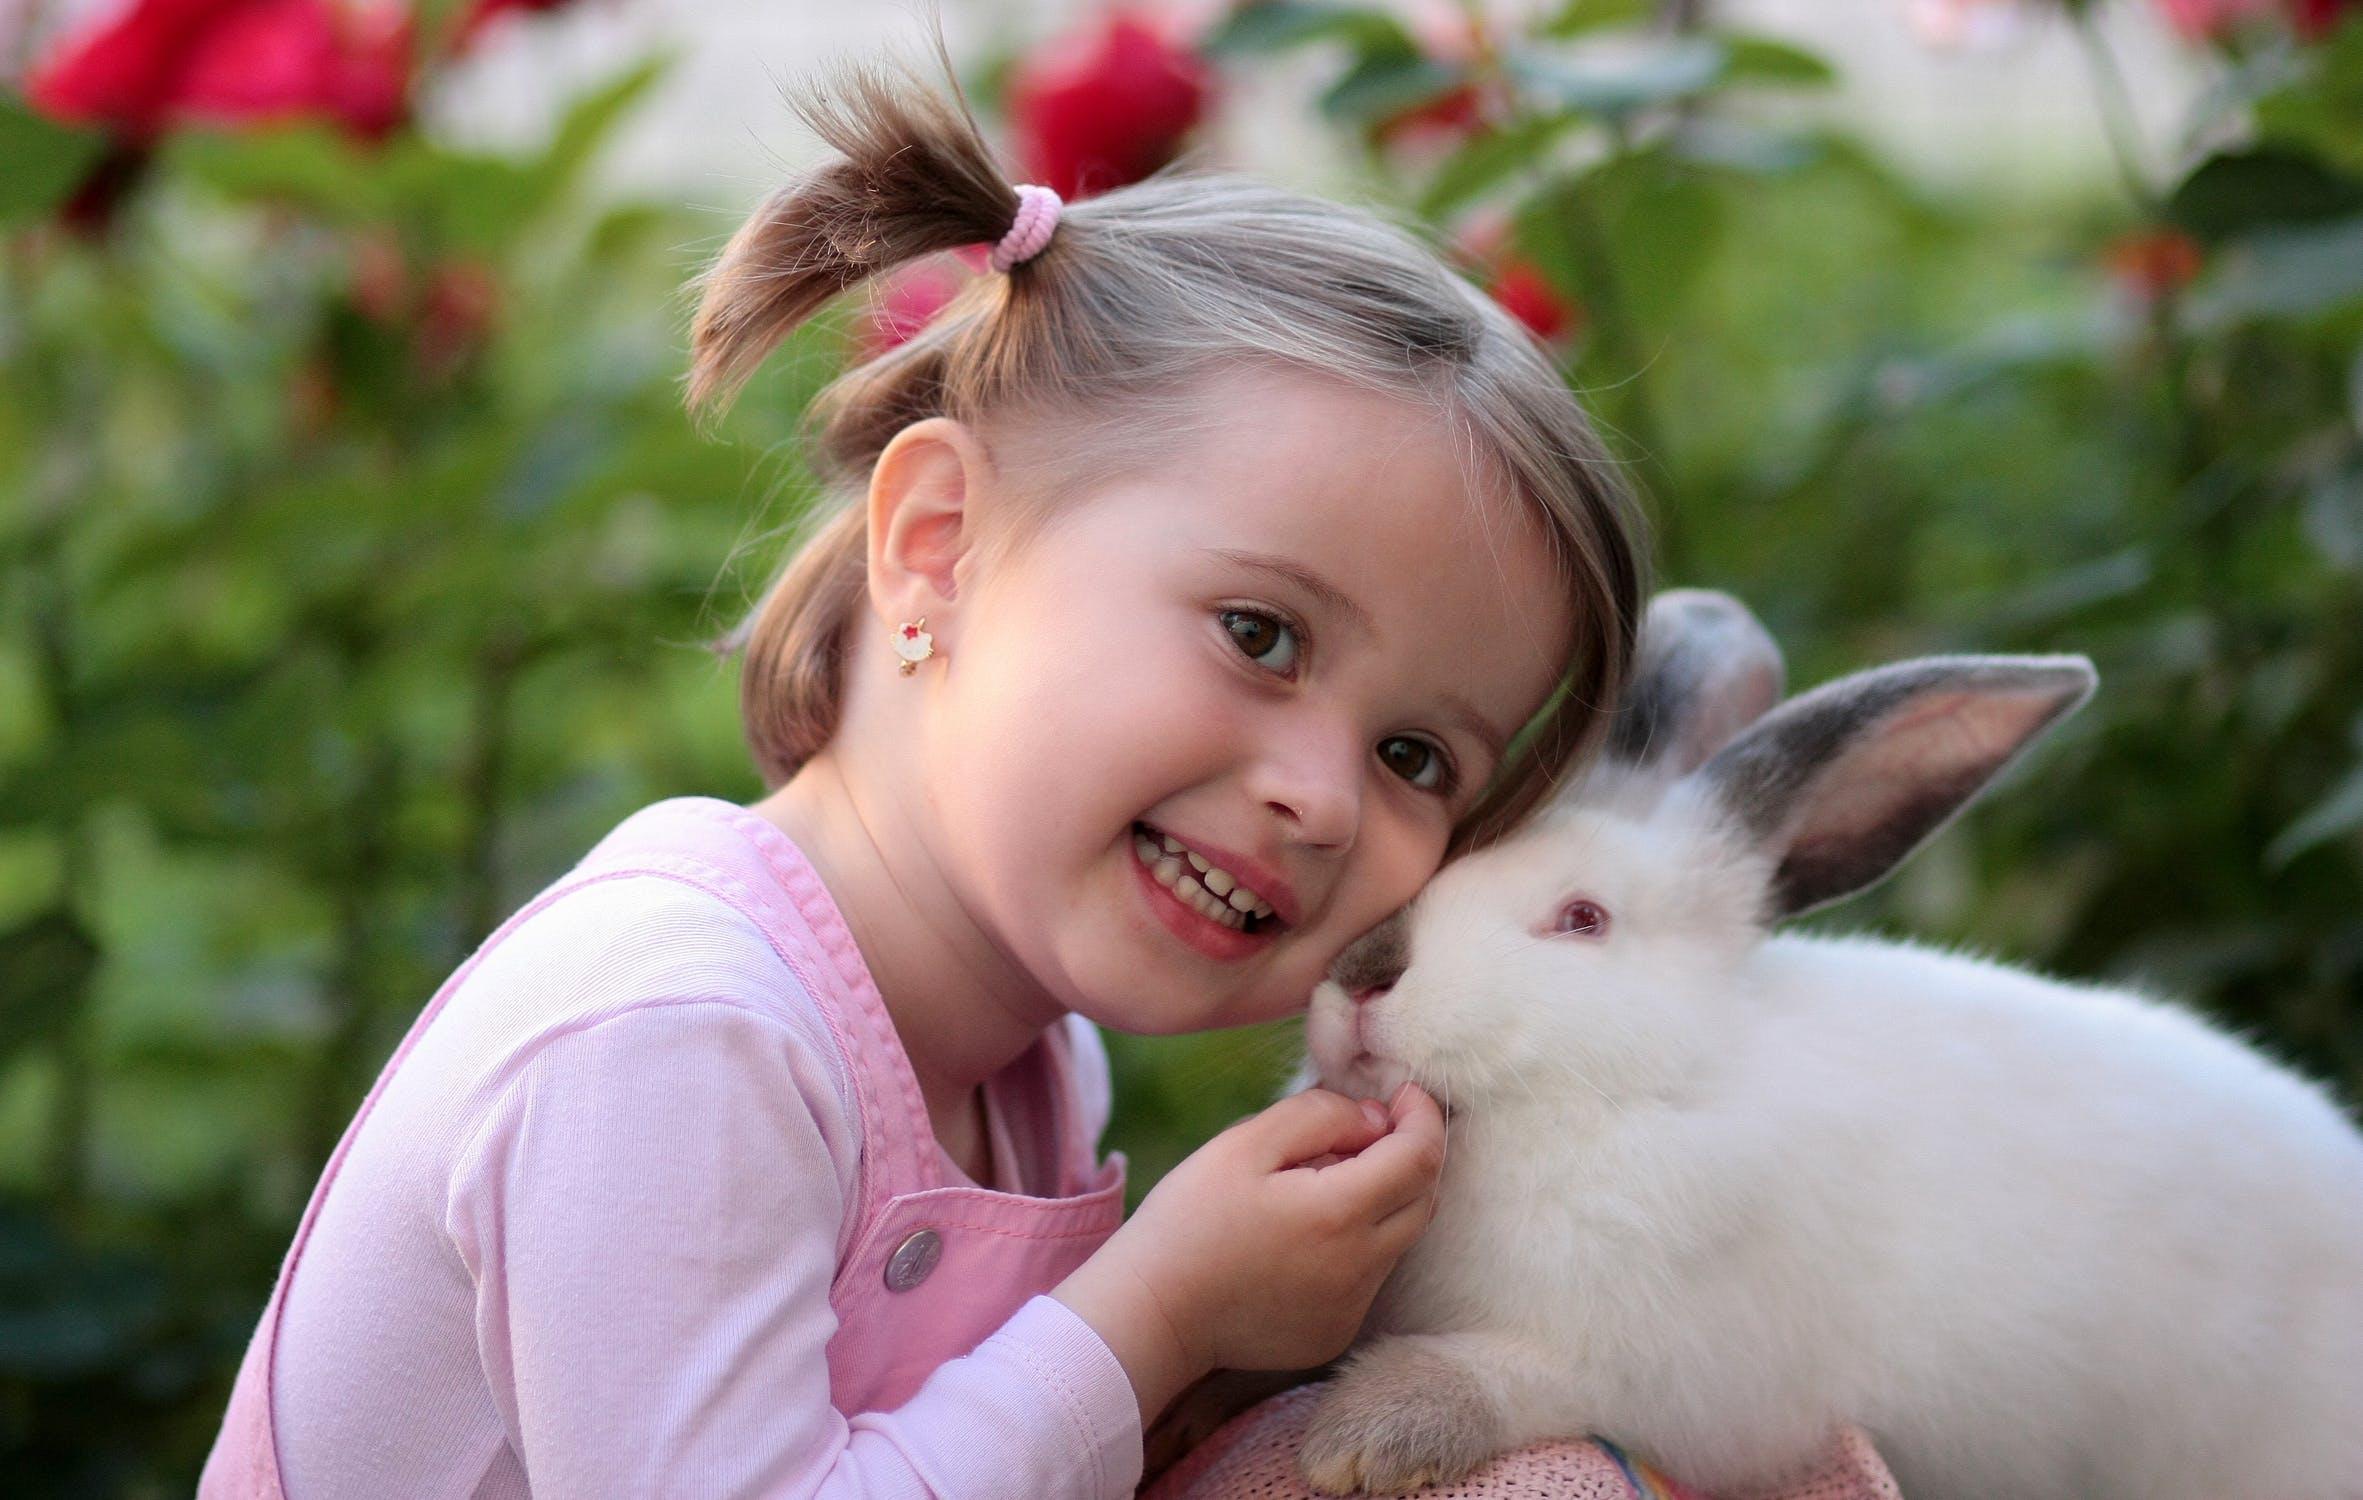 41 Koleksi Gambar Binatang Untuk Belajar Anak Kecil Gratis Terbaik